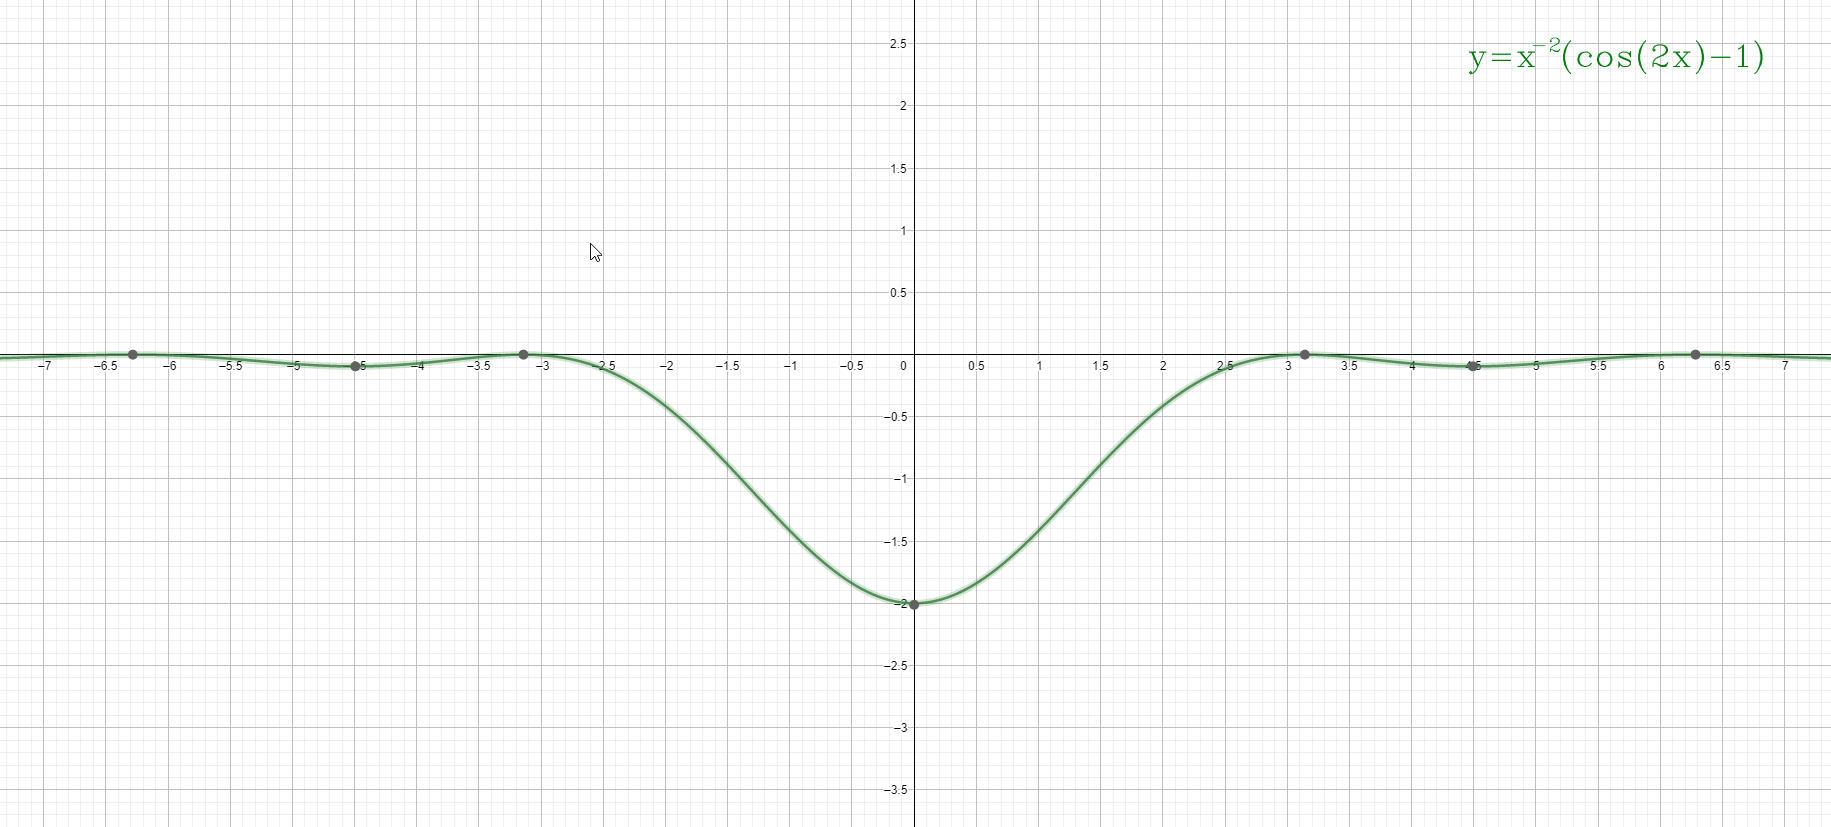 Analisi Matematica - f(x)=x^-2[cos(2x)-1] - Grafico della funzione - AM016-09